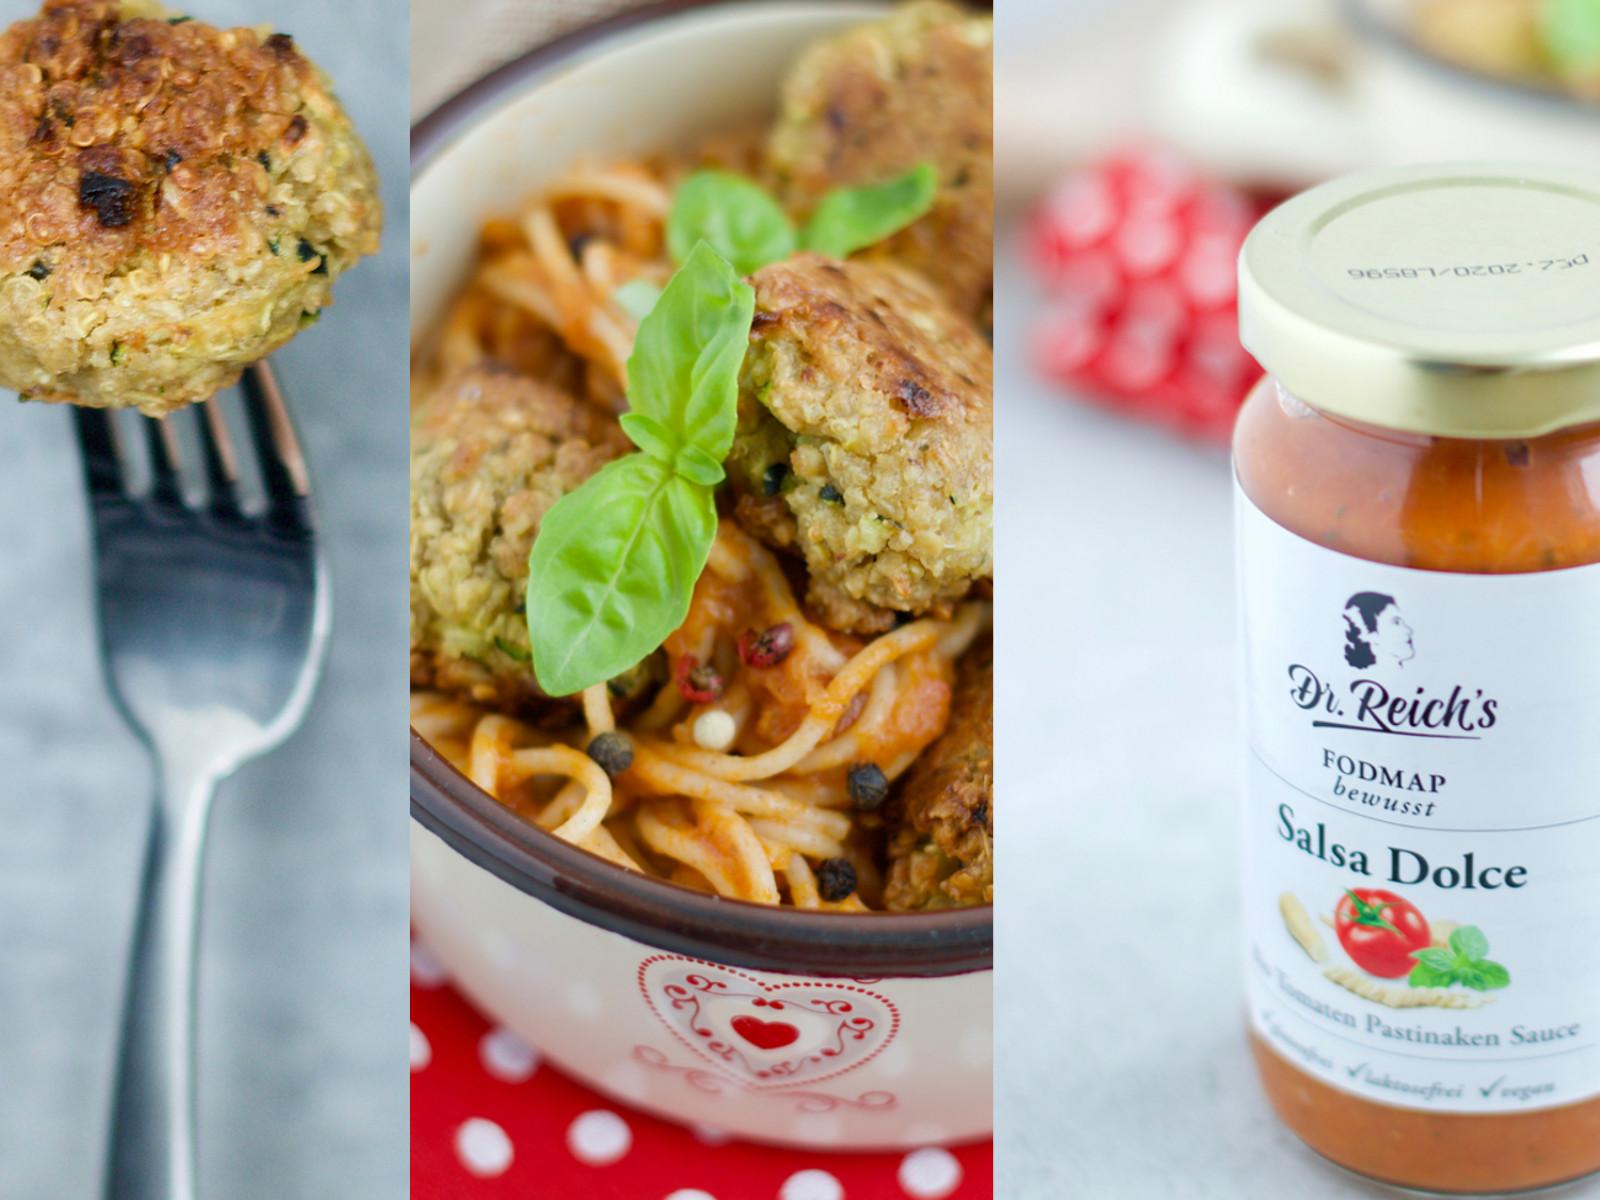 Spaghetti mit vegetarischen Meatballs gekocht und fotografiert von Dominika auf Bauchgeschichten mit Dr. Reich´s Brühe No. 1 und Dr. Reich´s Salsa Dolce.